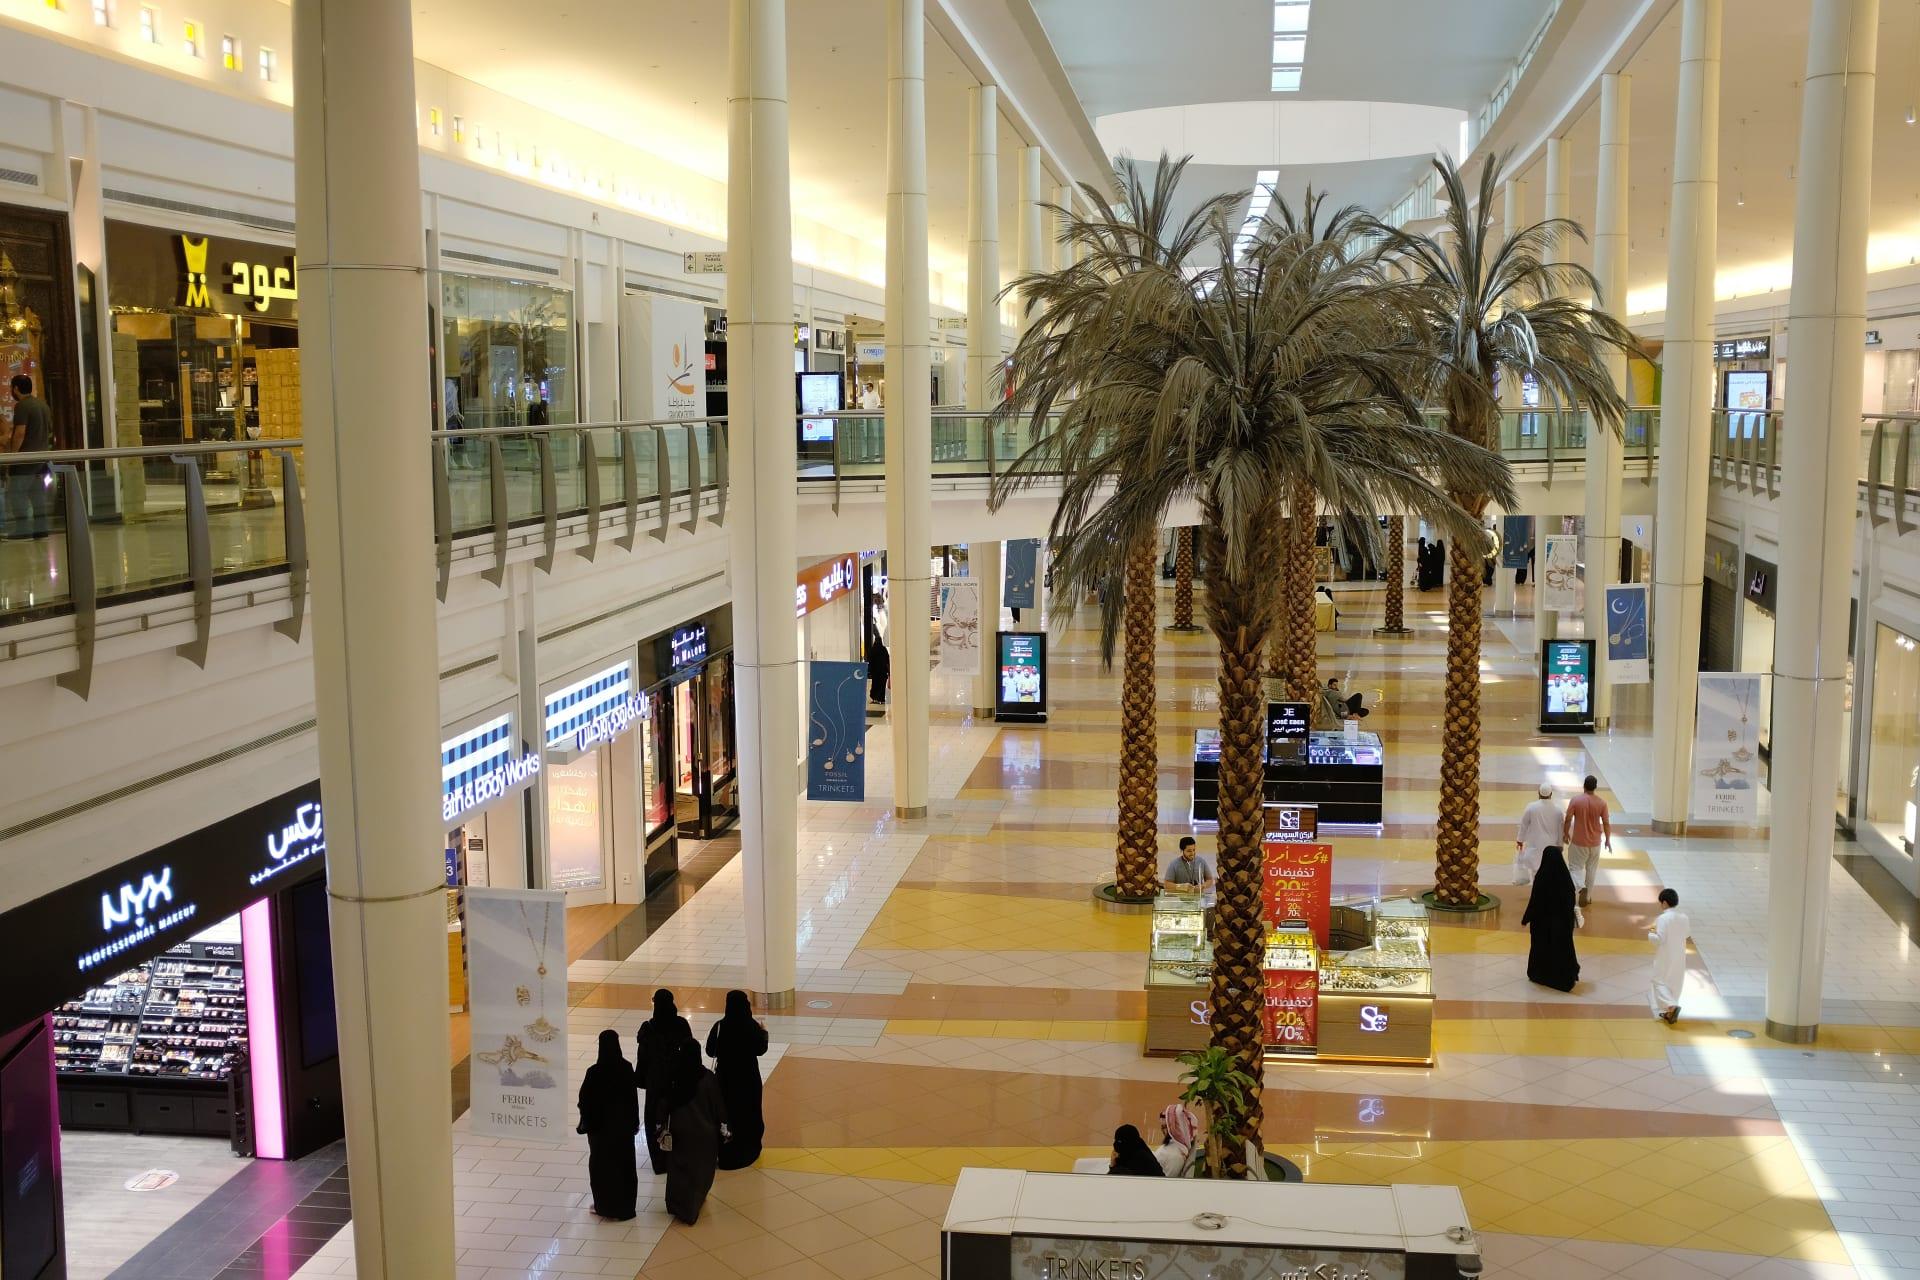 غضب بعد تداول مقطع فيديو لراقصة في مركز تجاري في السعودية